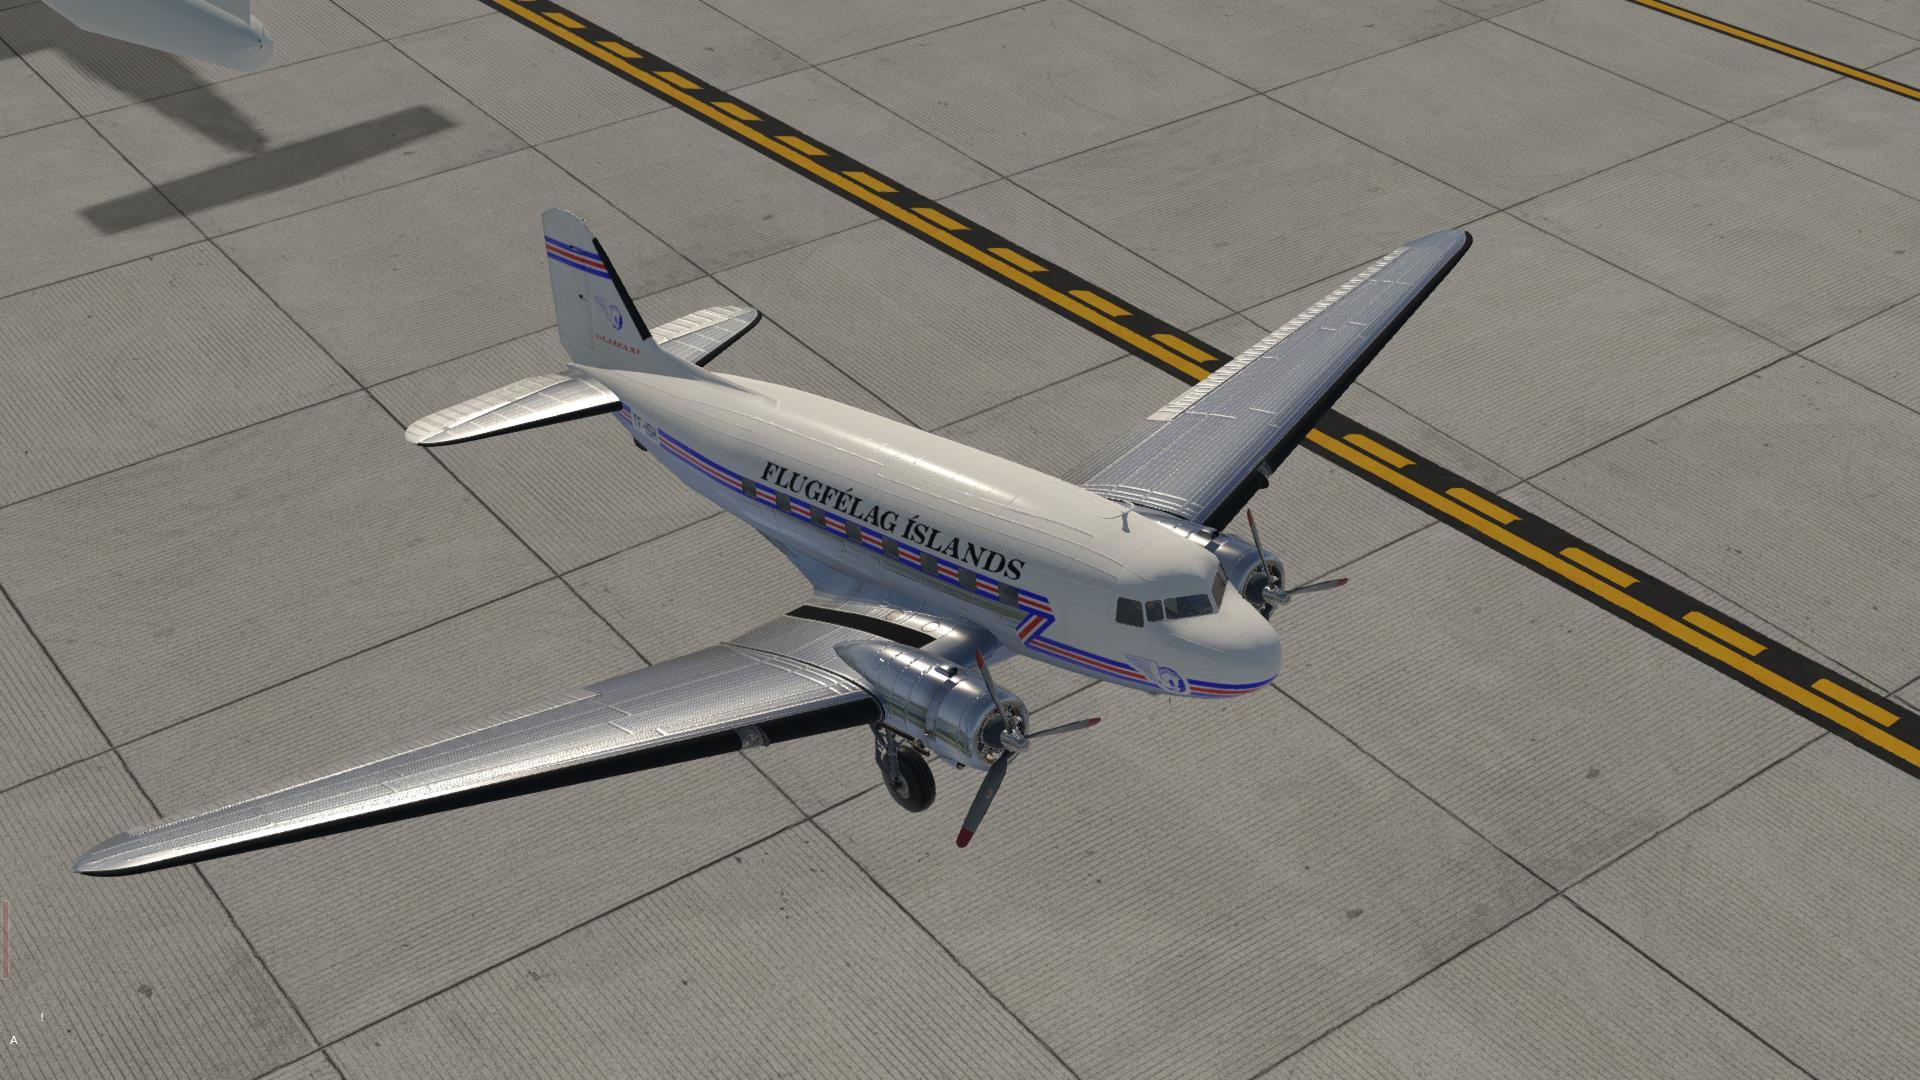 Gljafaxi for VSKYLABS DC-3/C-47 - VSKYLABS DC-3 - X-Plane